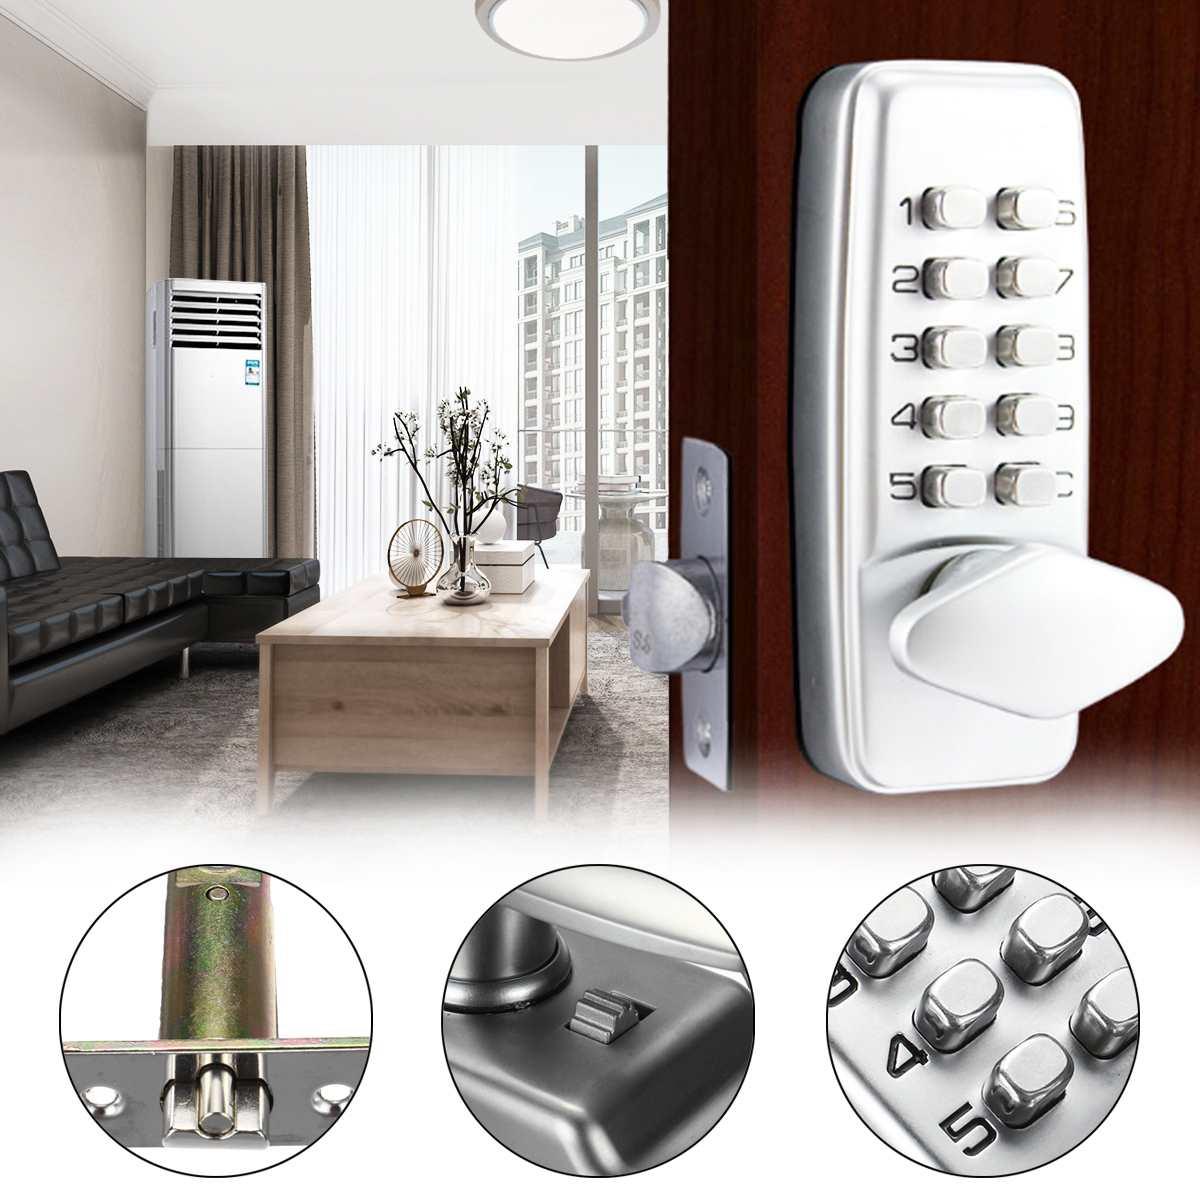 Heavy Duty Safety Digital Password Door Lock Mechanical Code Keyless Entry Door Lock Waterproof For Home Furniture Hardware